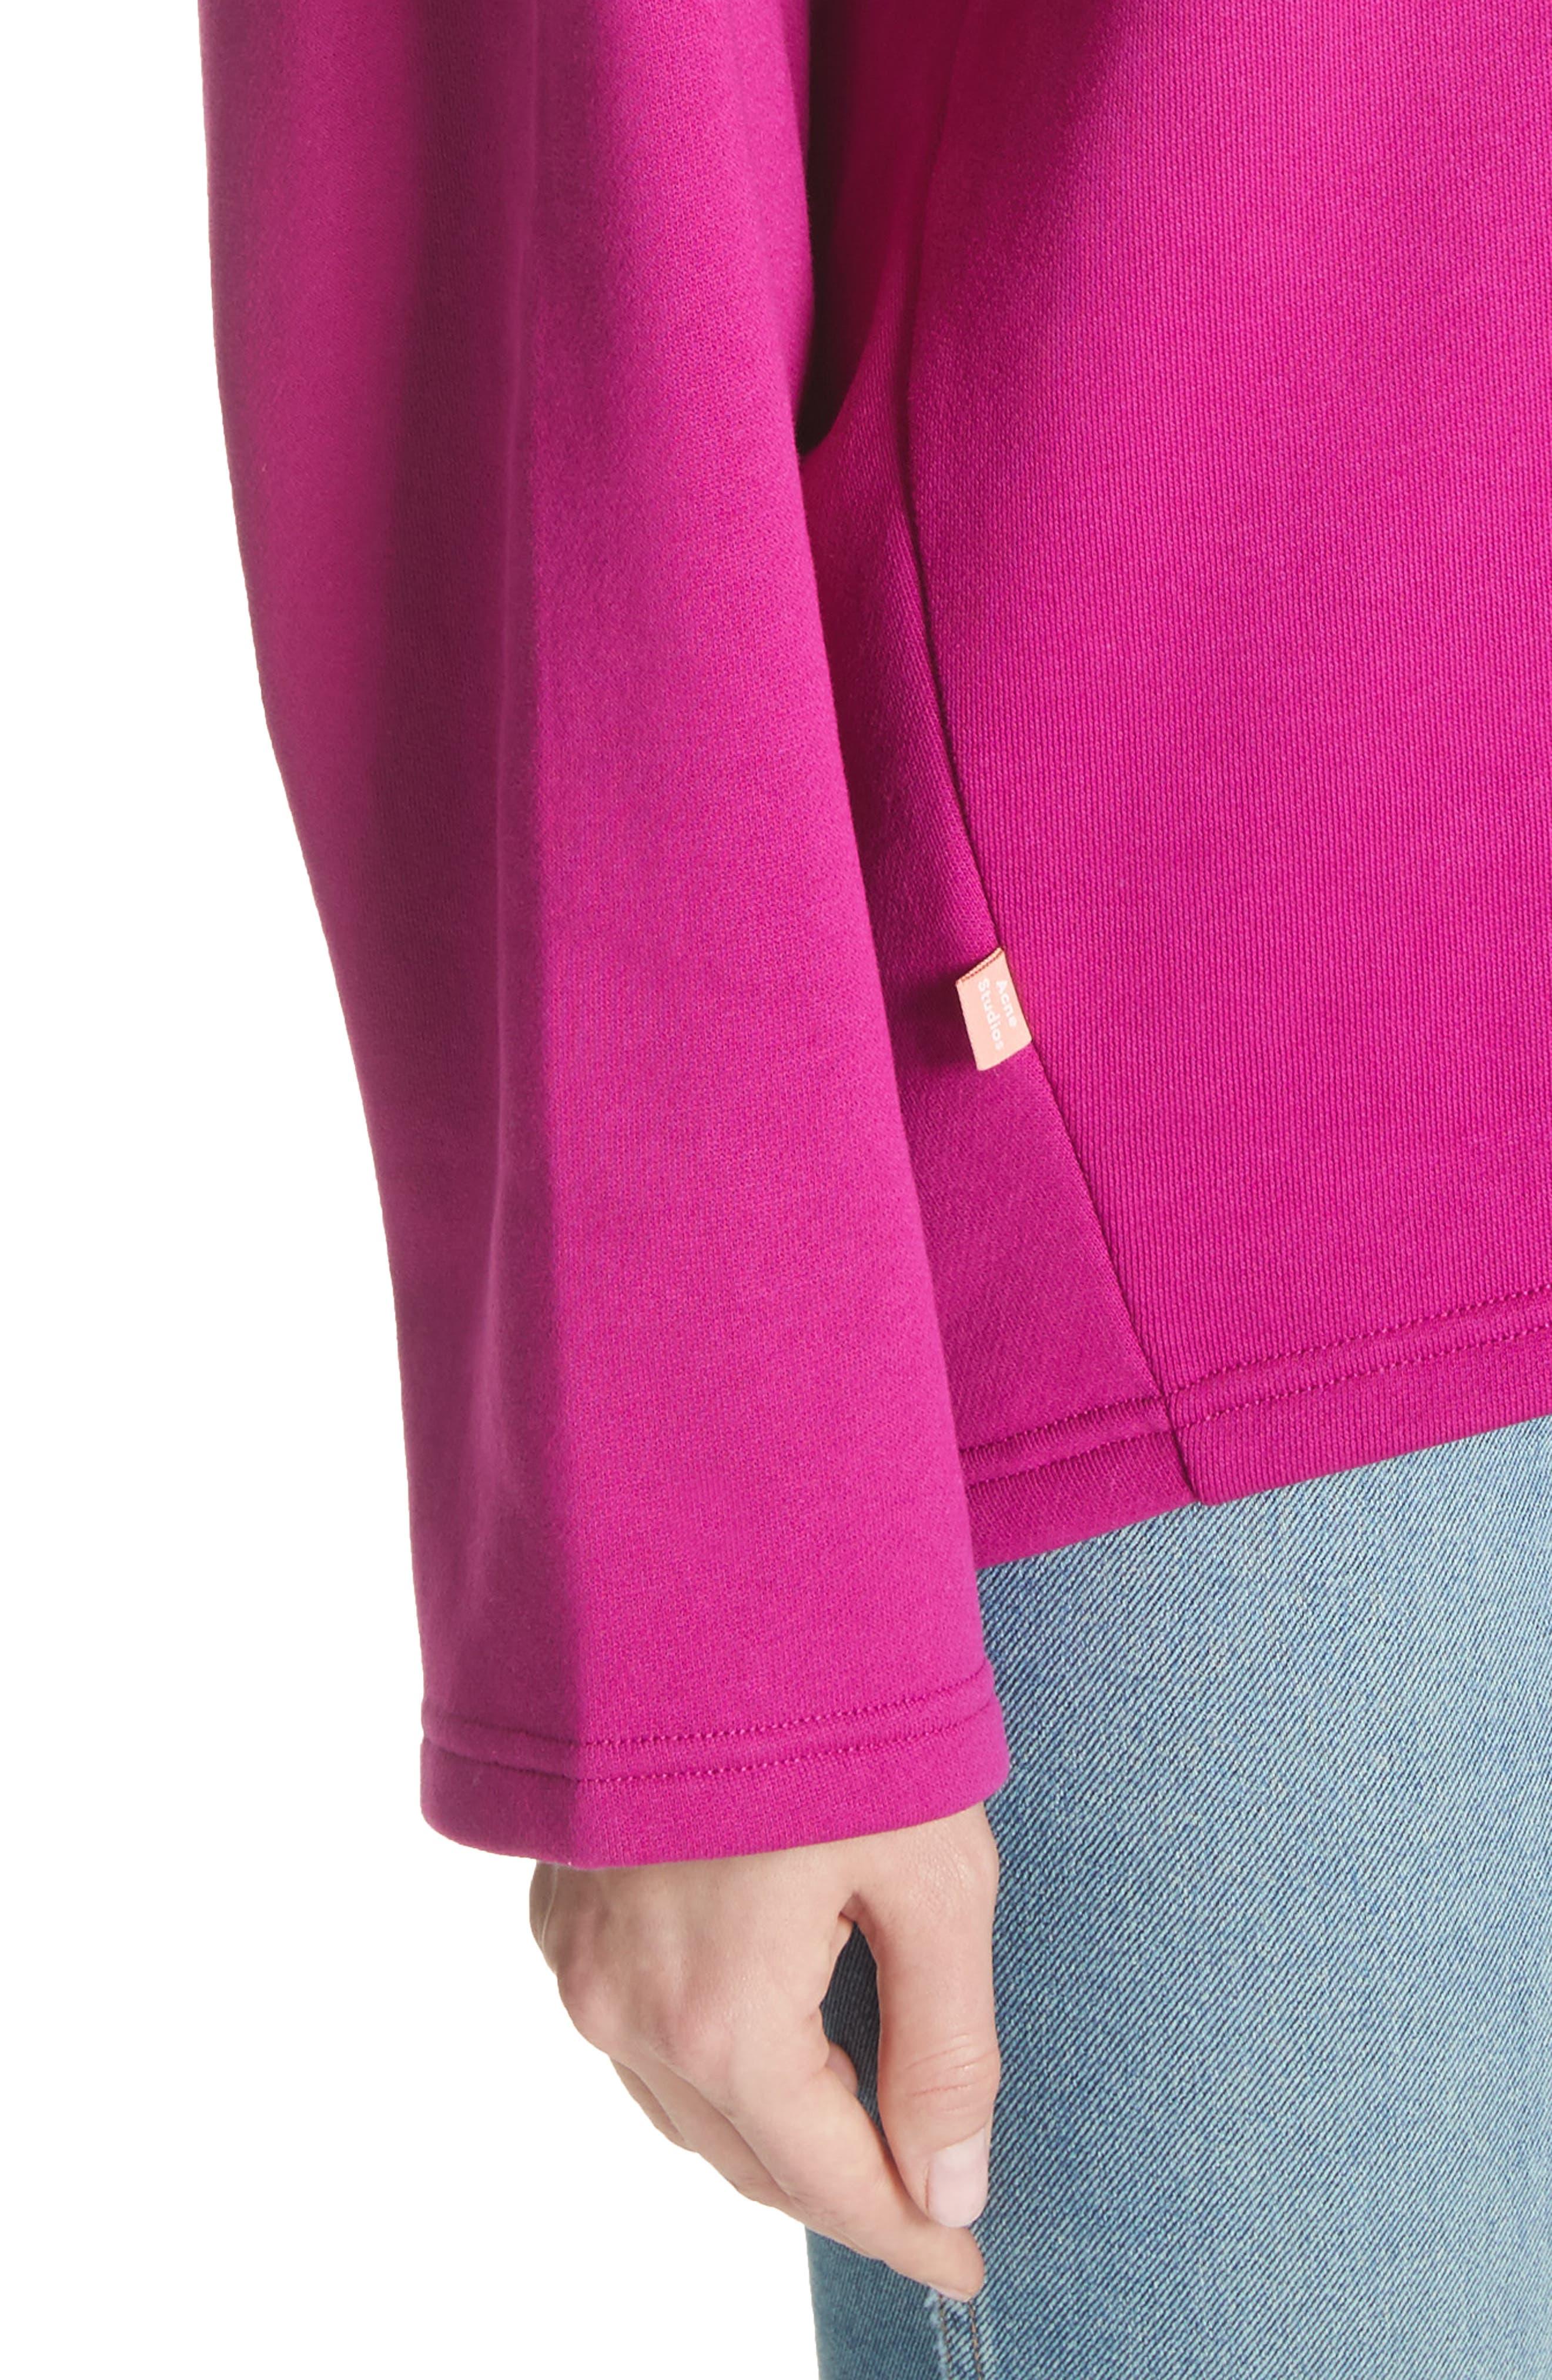 Karvell Sweatshirt,                             Alternate thumbnail 4, color,                             Acid Purple